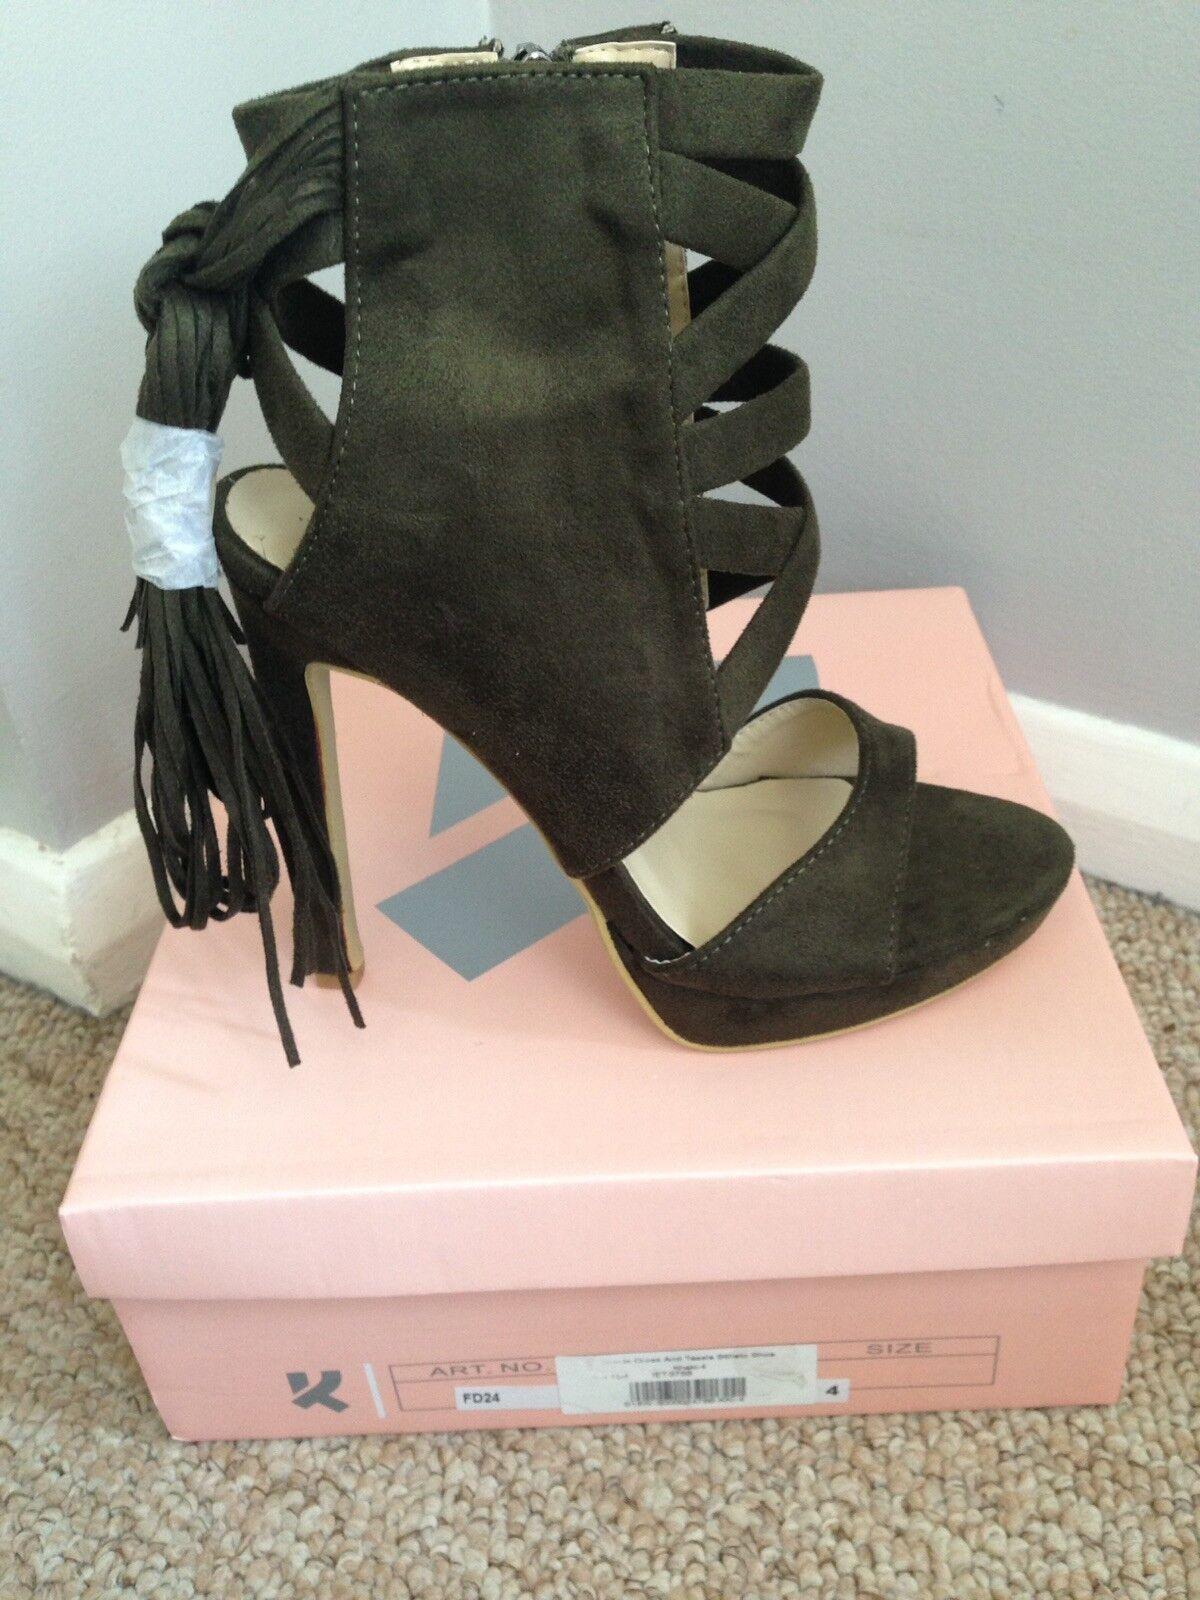 Khaki Tassel High Heel Shoes, New Size 4. New Shoes, 2a9e3e